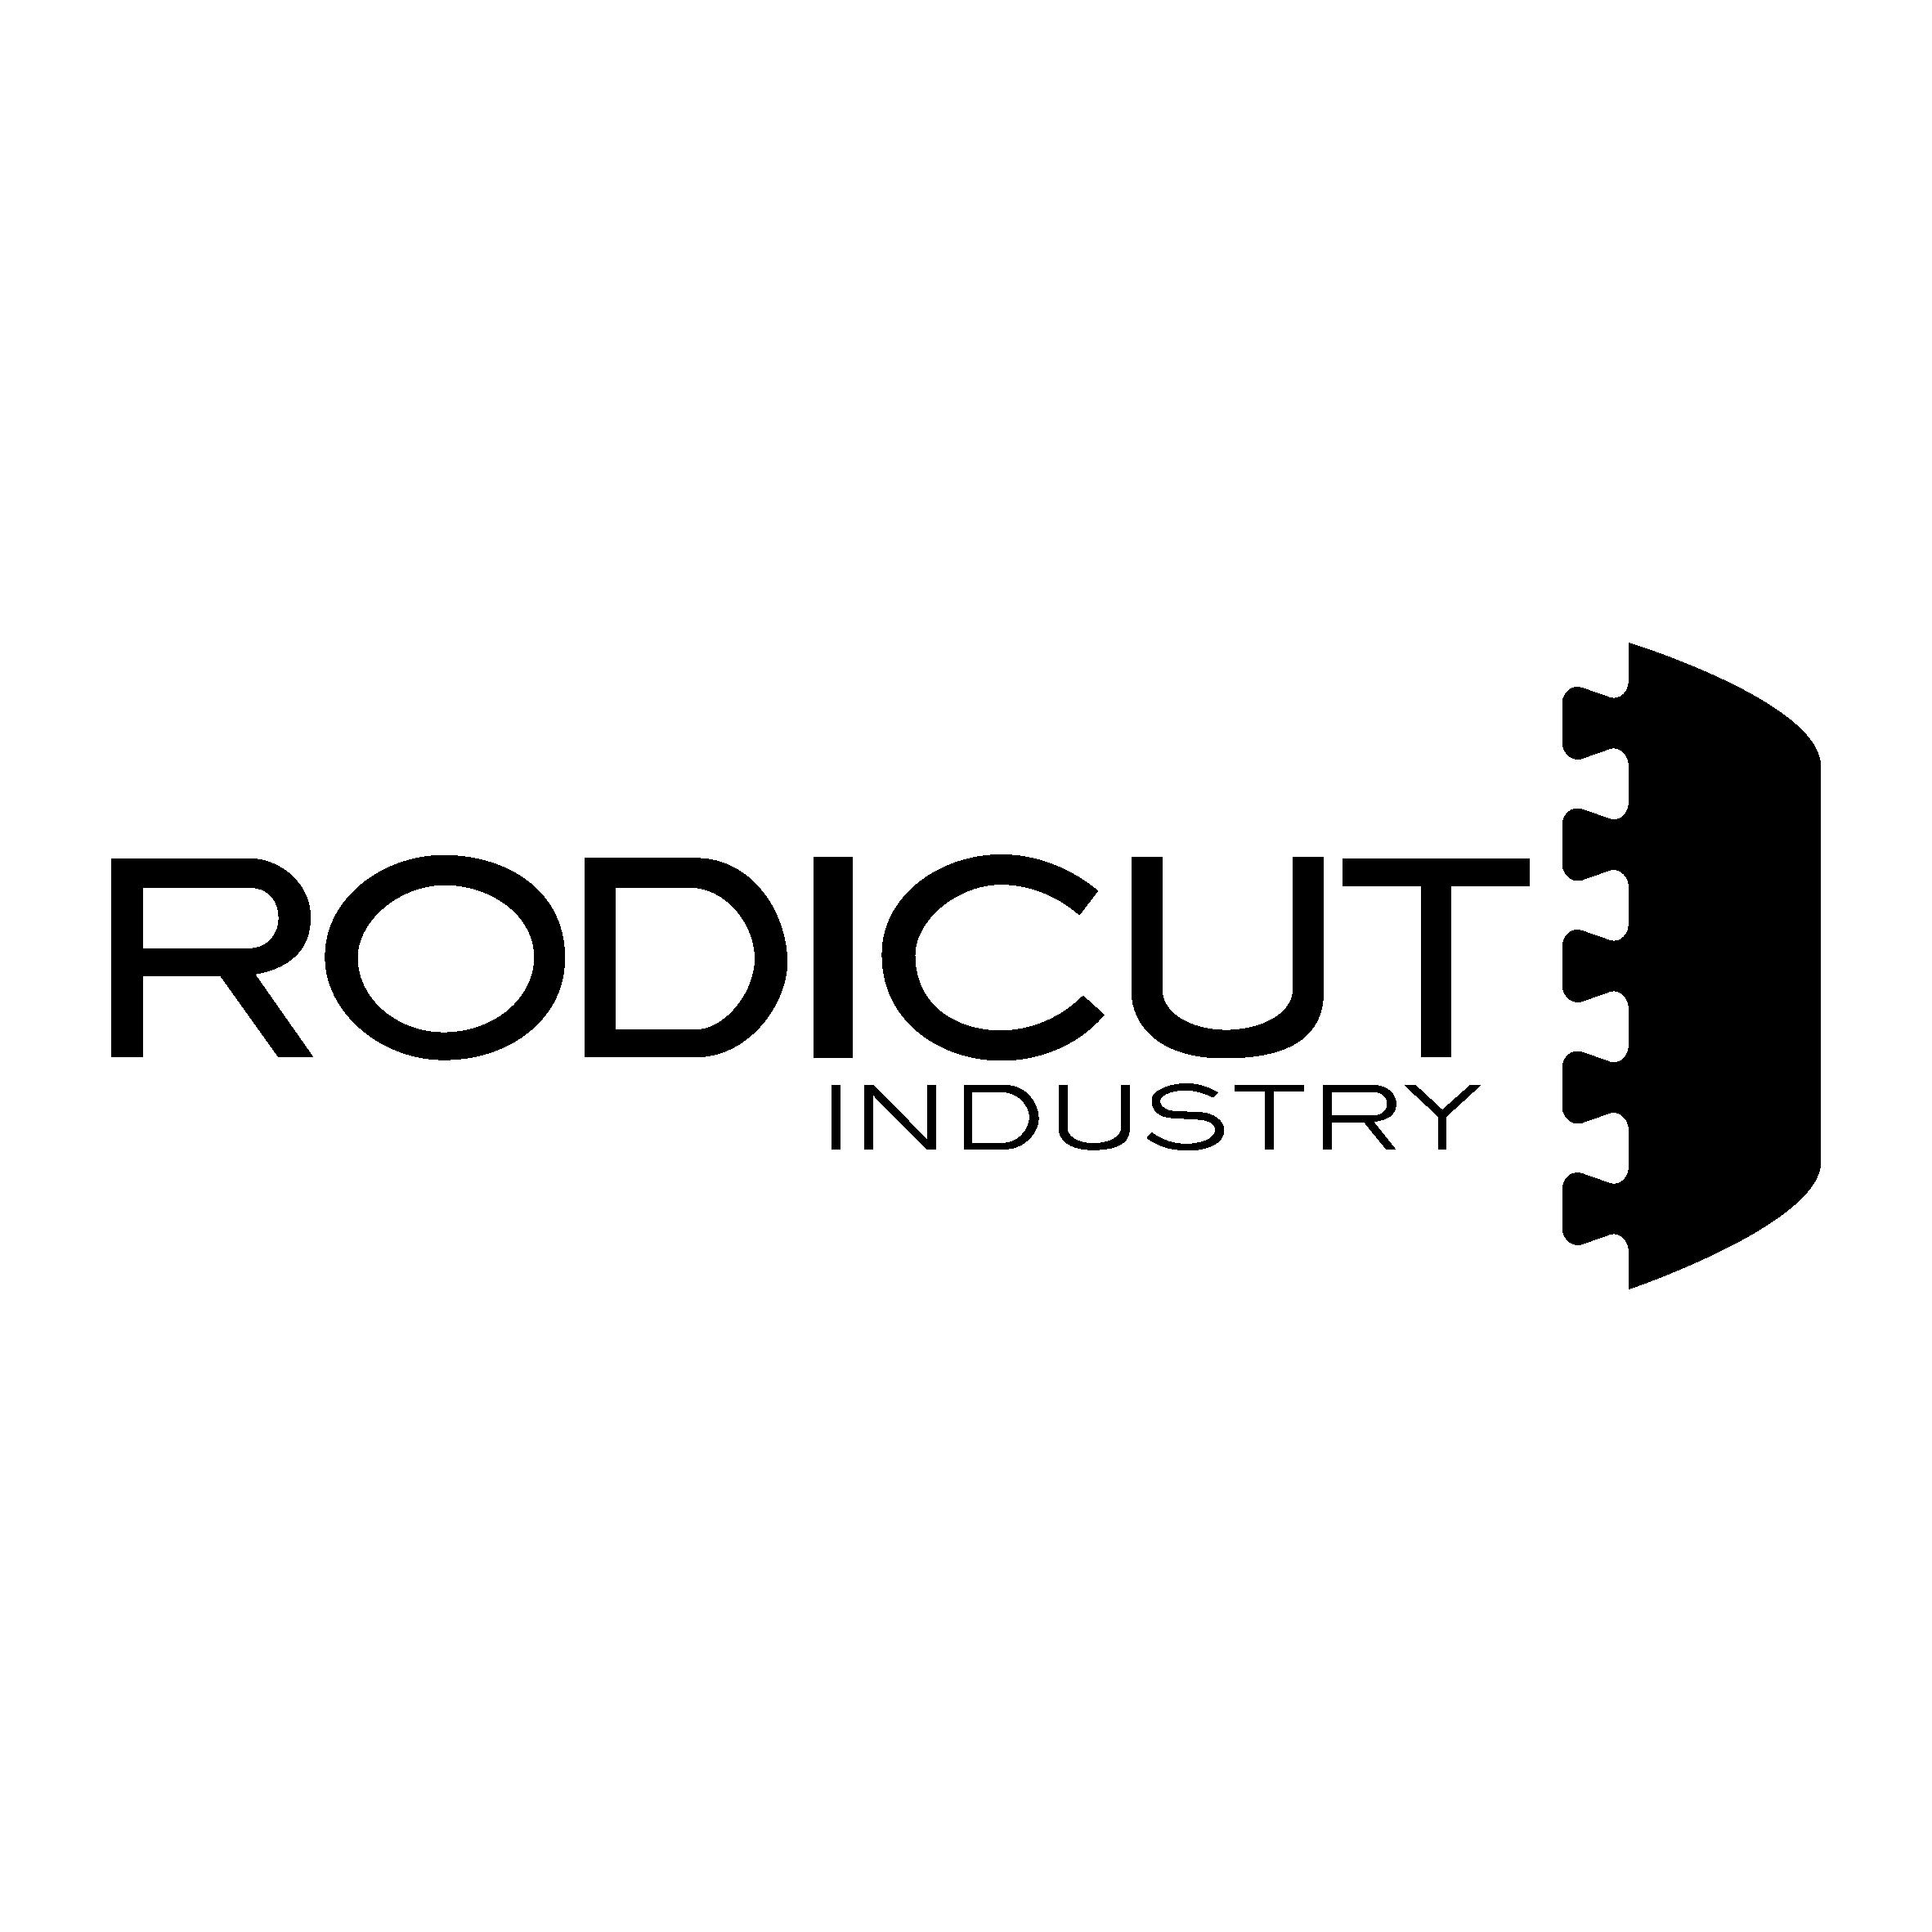 logos bn_Mesa de trabajo 1 copia 2